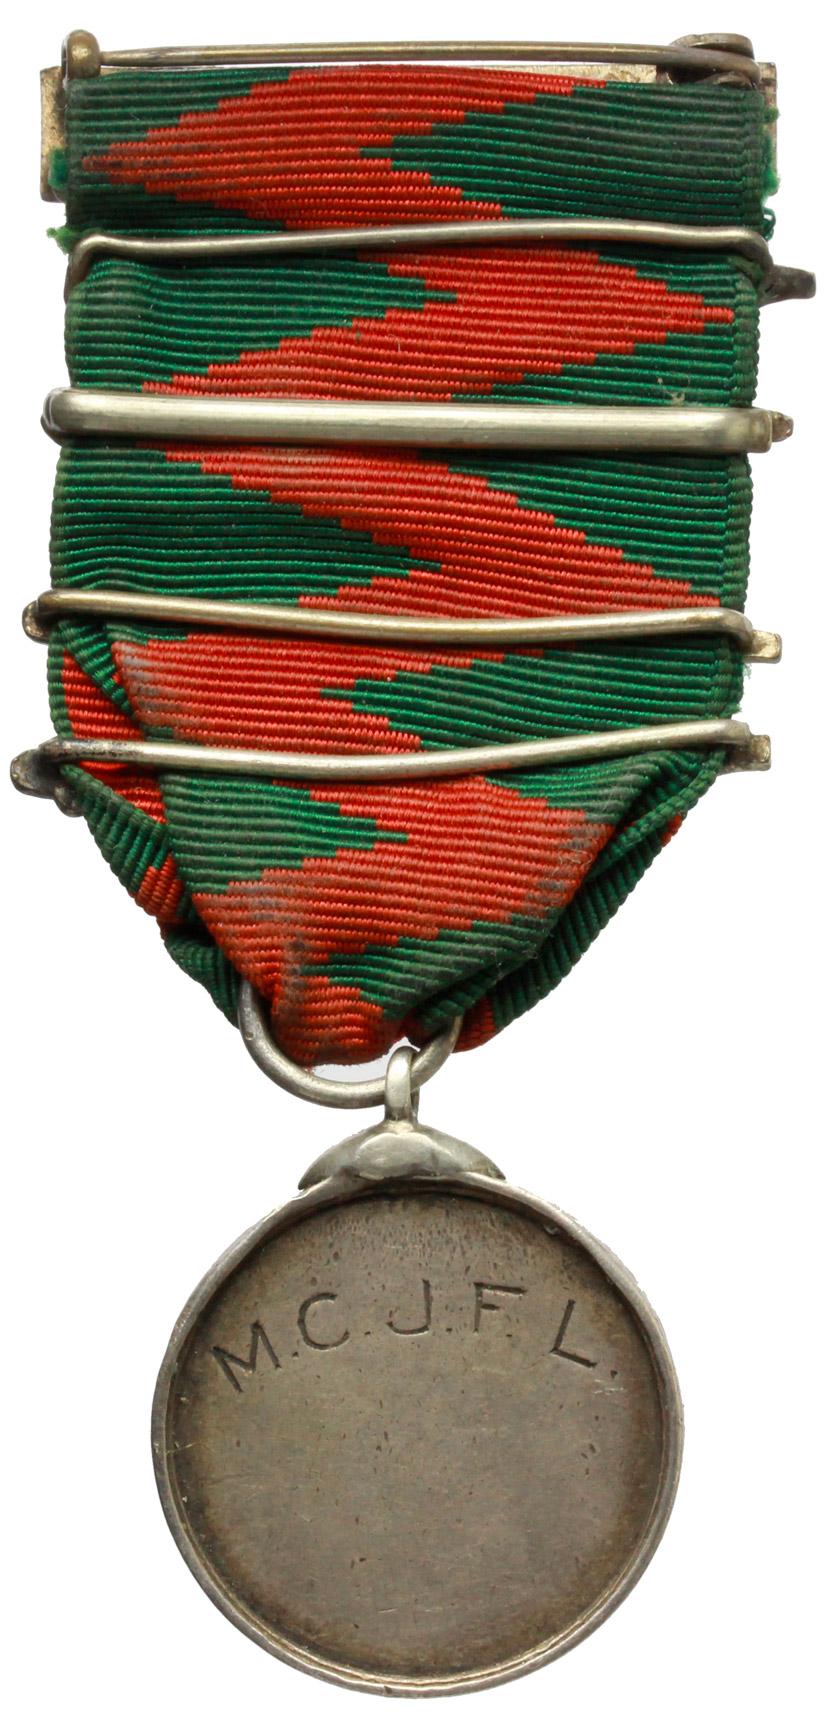 R/  Medaglia con motto 'Porta maris portus salutis' con nastrino e cinque fascette di metallo con date dal 1939 al 1943.     AG.   mm. 26.00    qSPL.